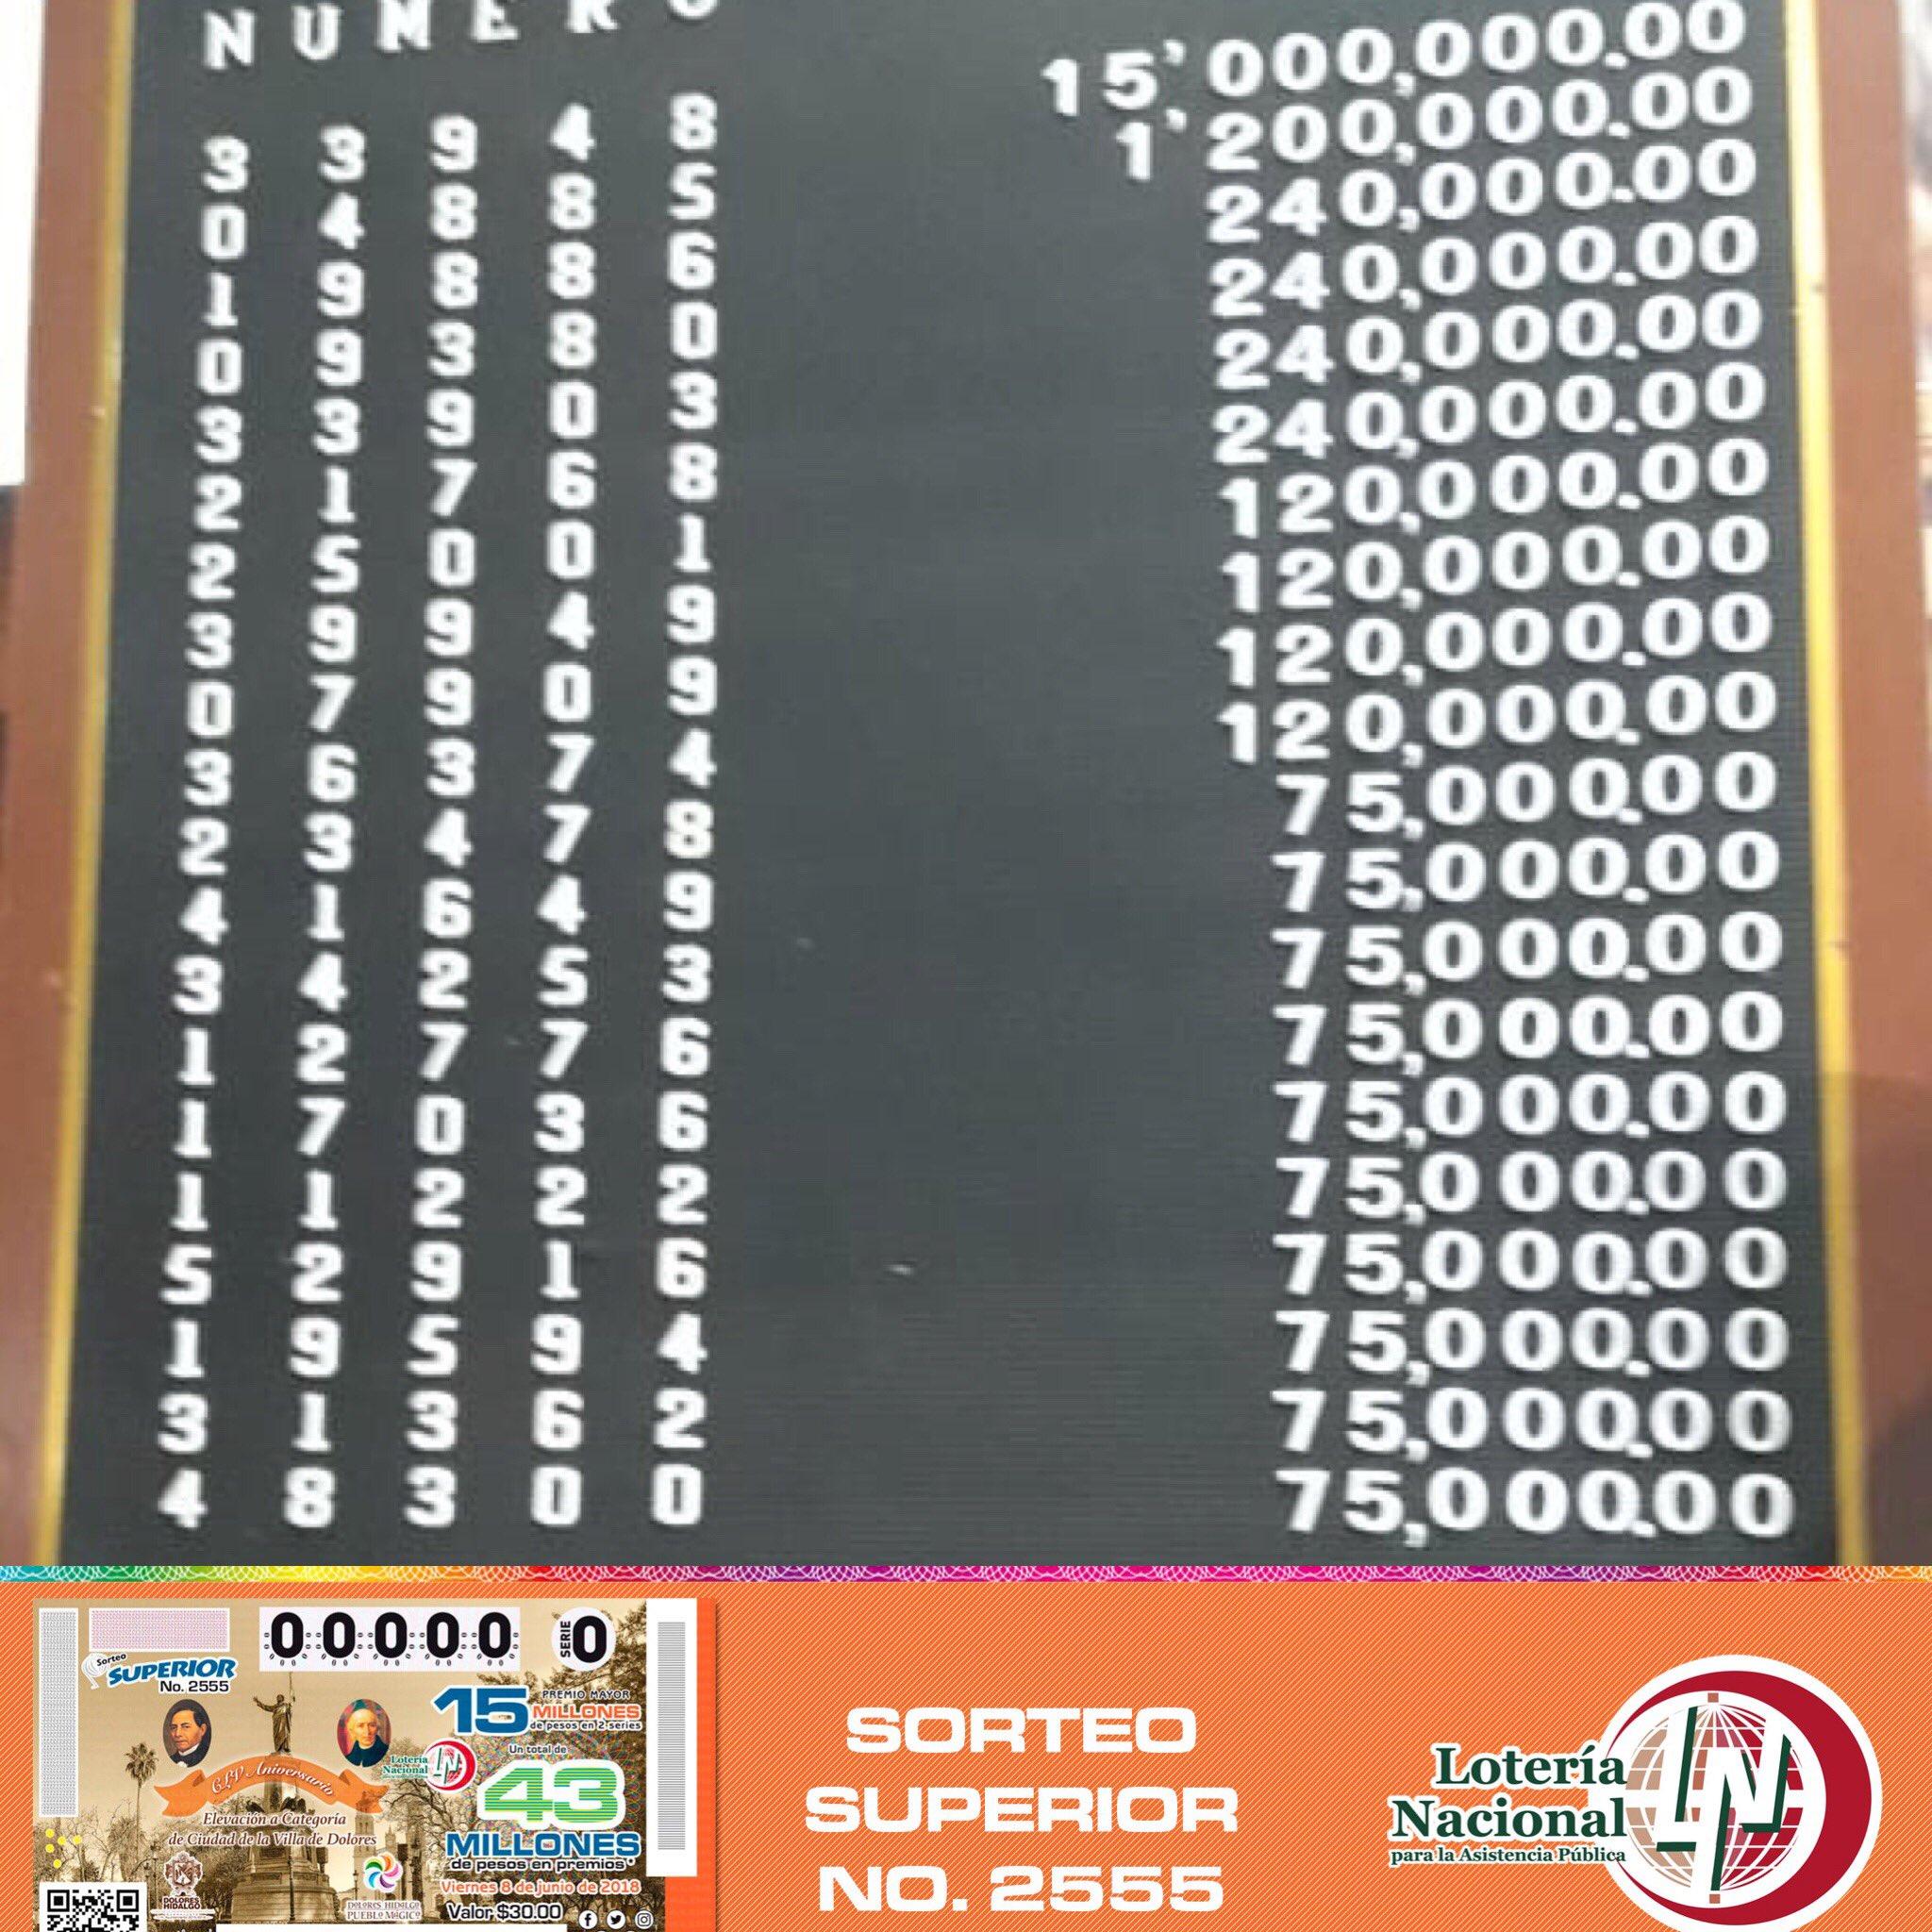 Resultados sorteo superior 2555